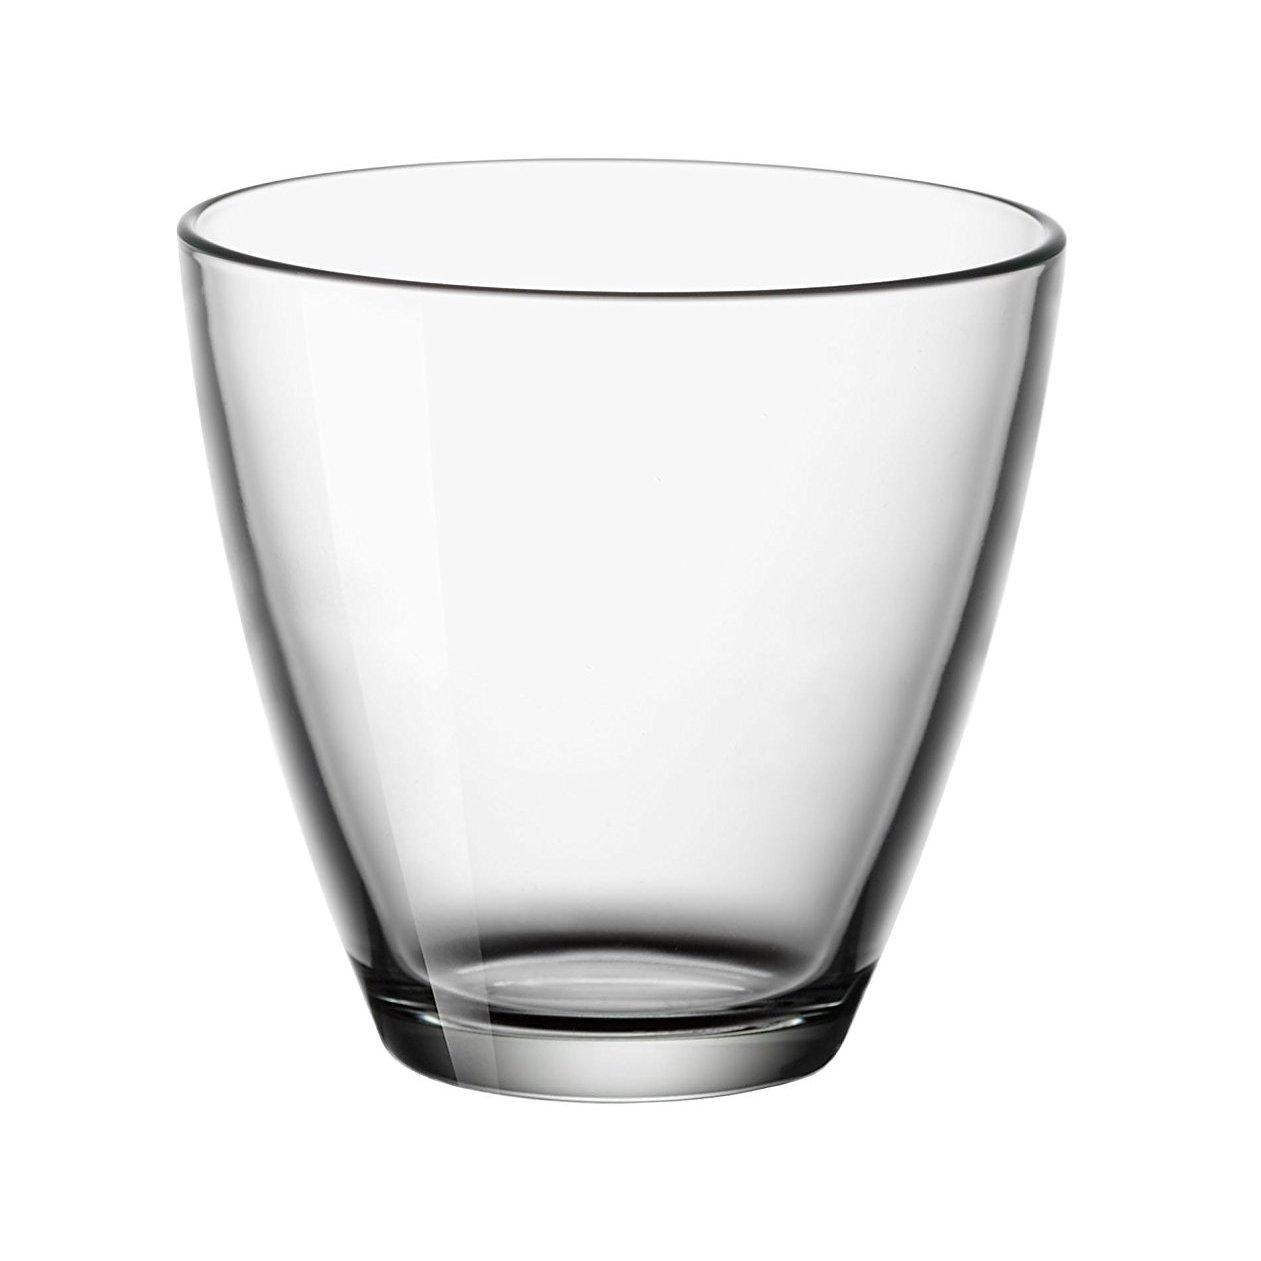 Ποτήρι χαμηλό Bormiolli Zeno 26 cl